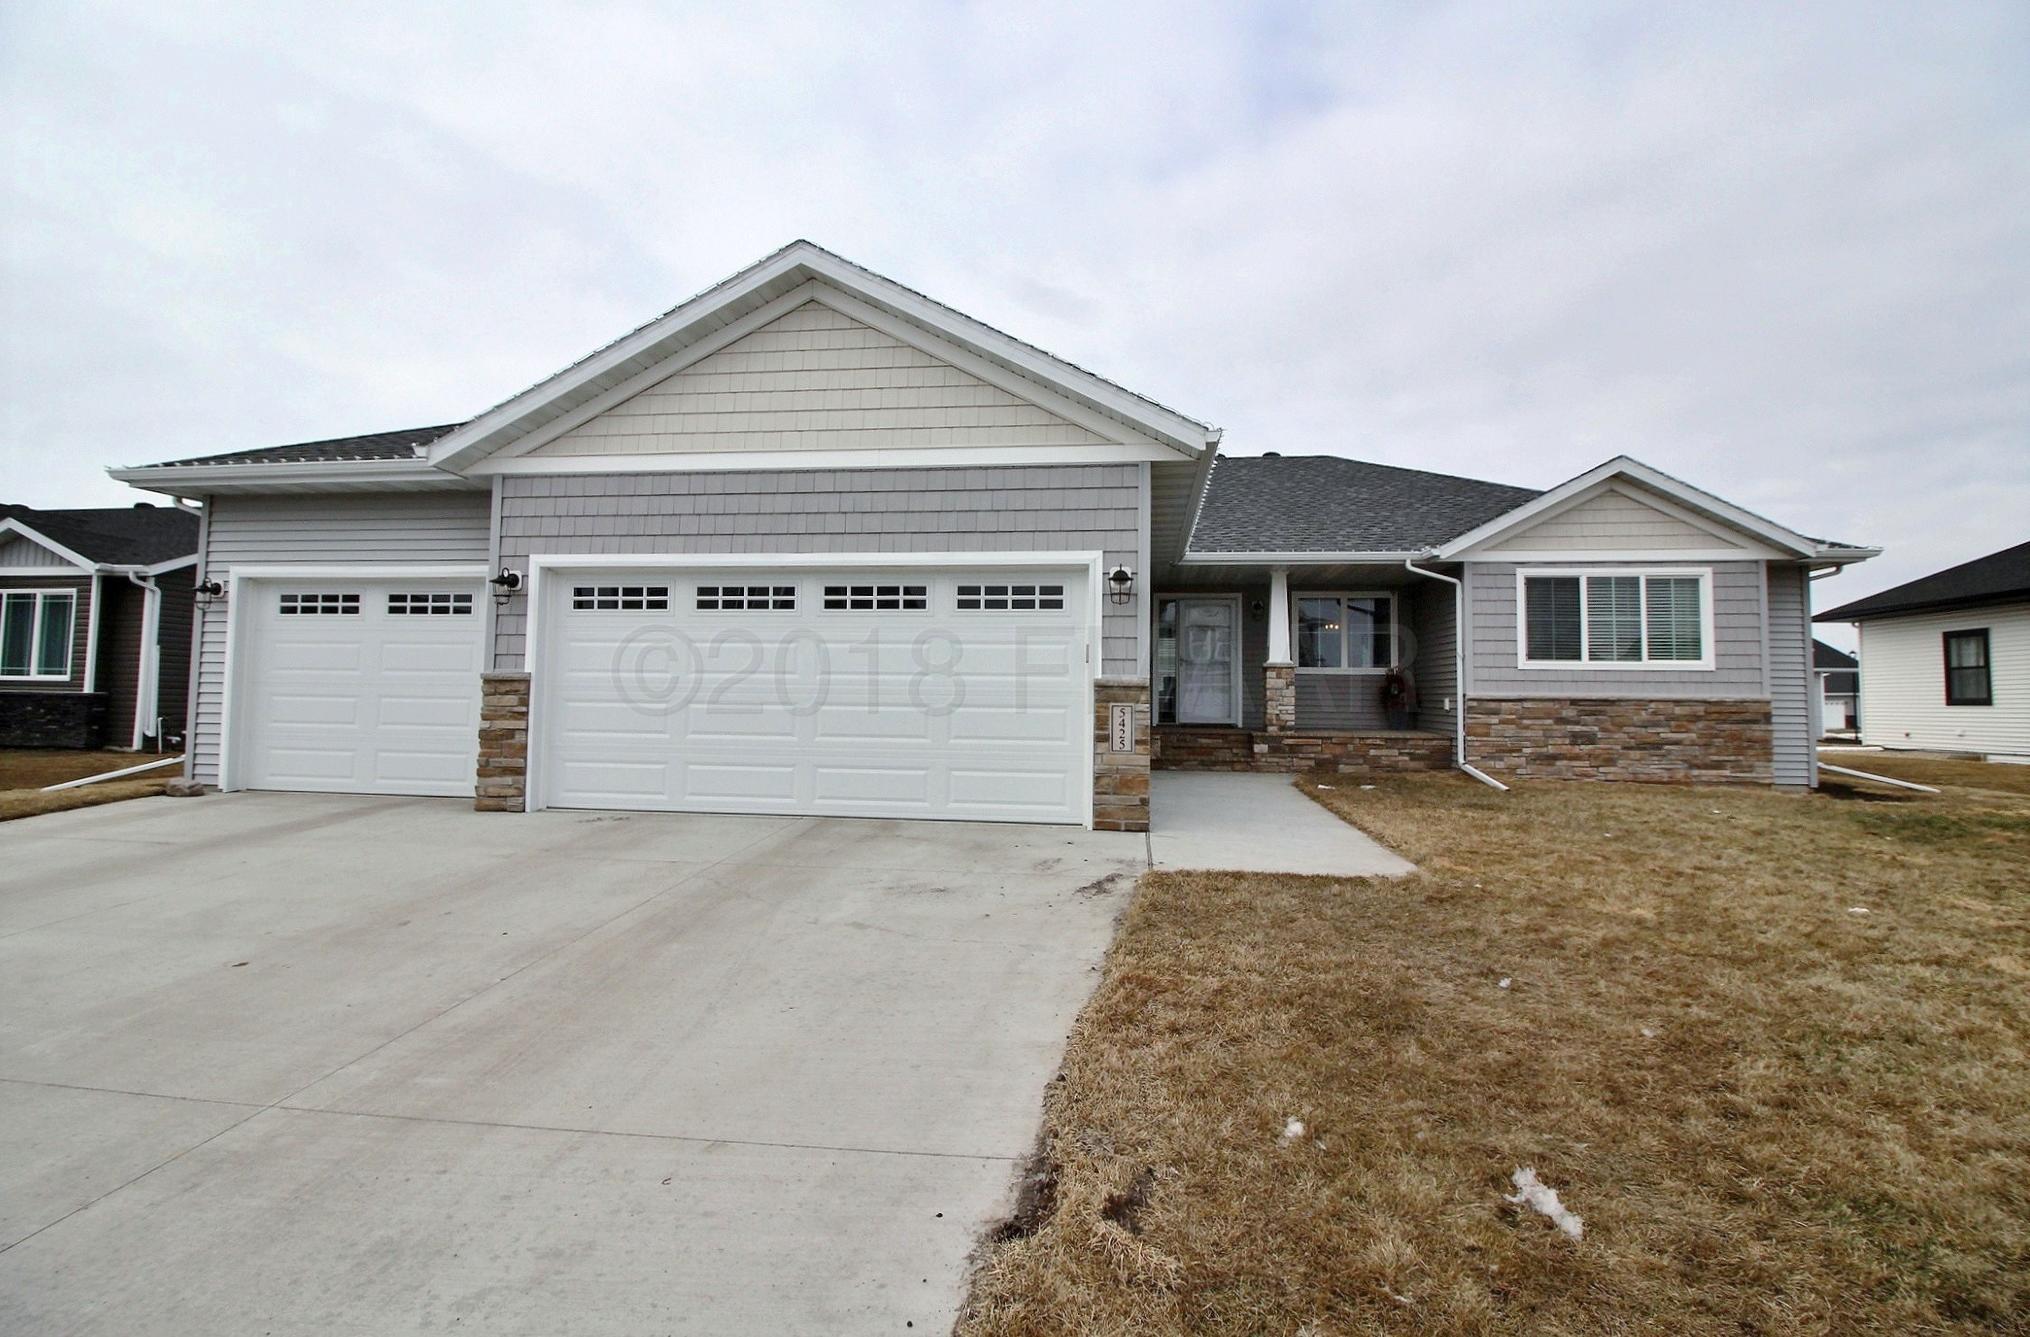 5425 TYLER Avenue S, Fargo, ND 58104